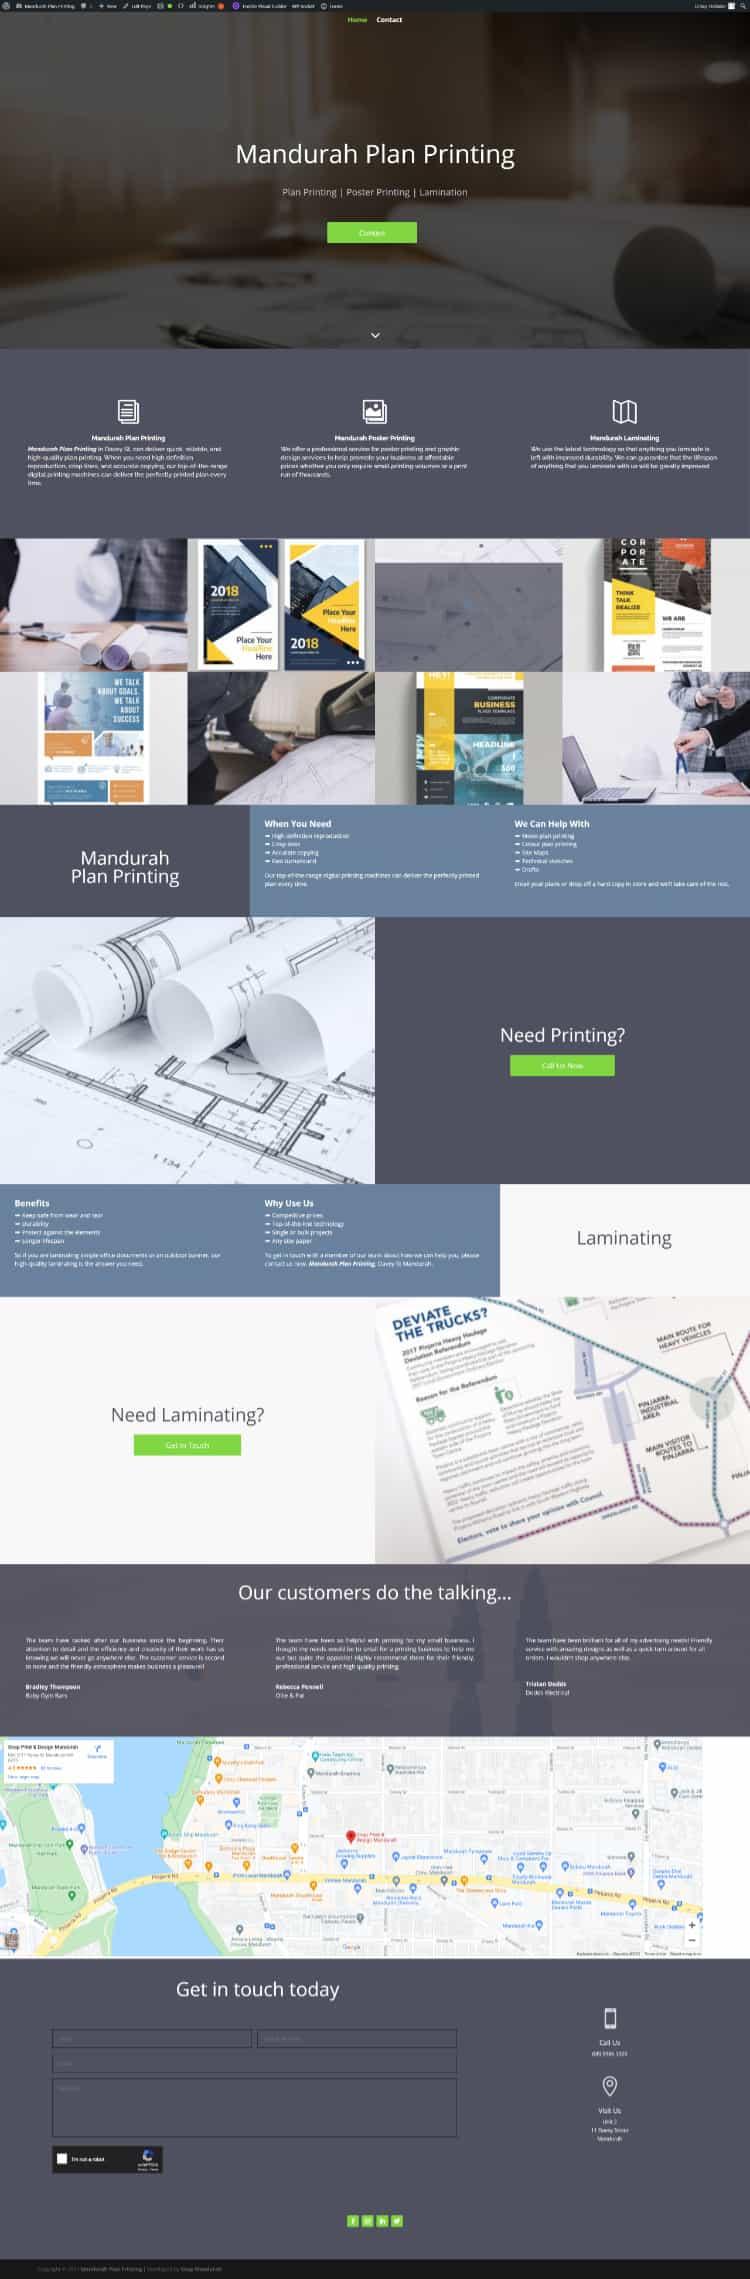 Mandurah Plan Printing Laminating